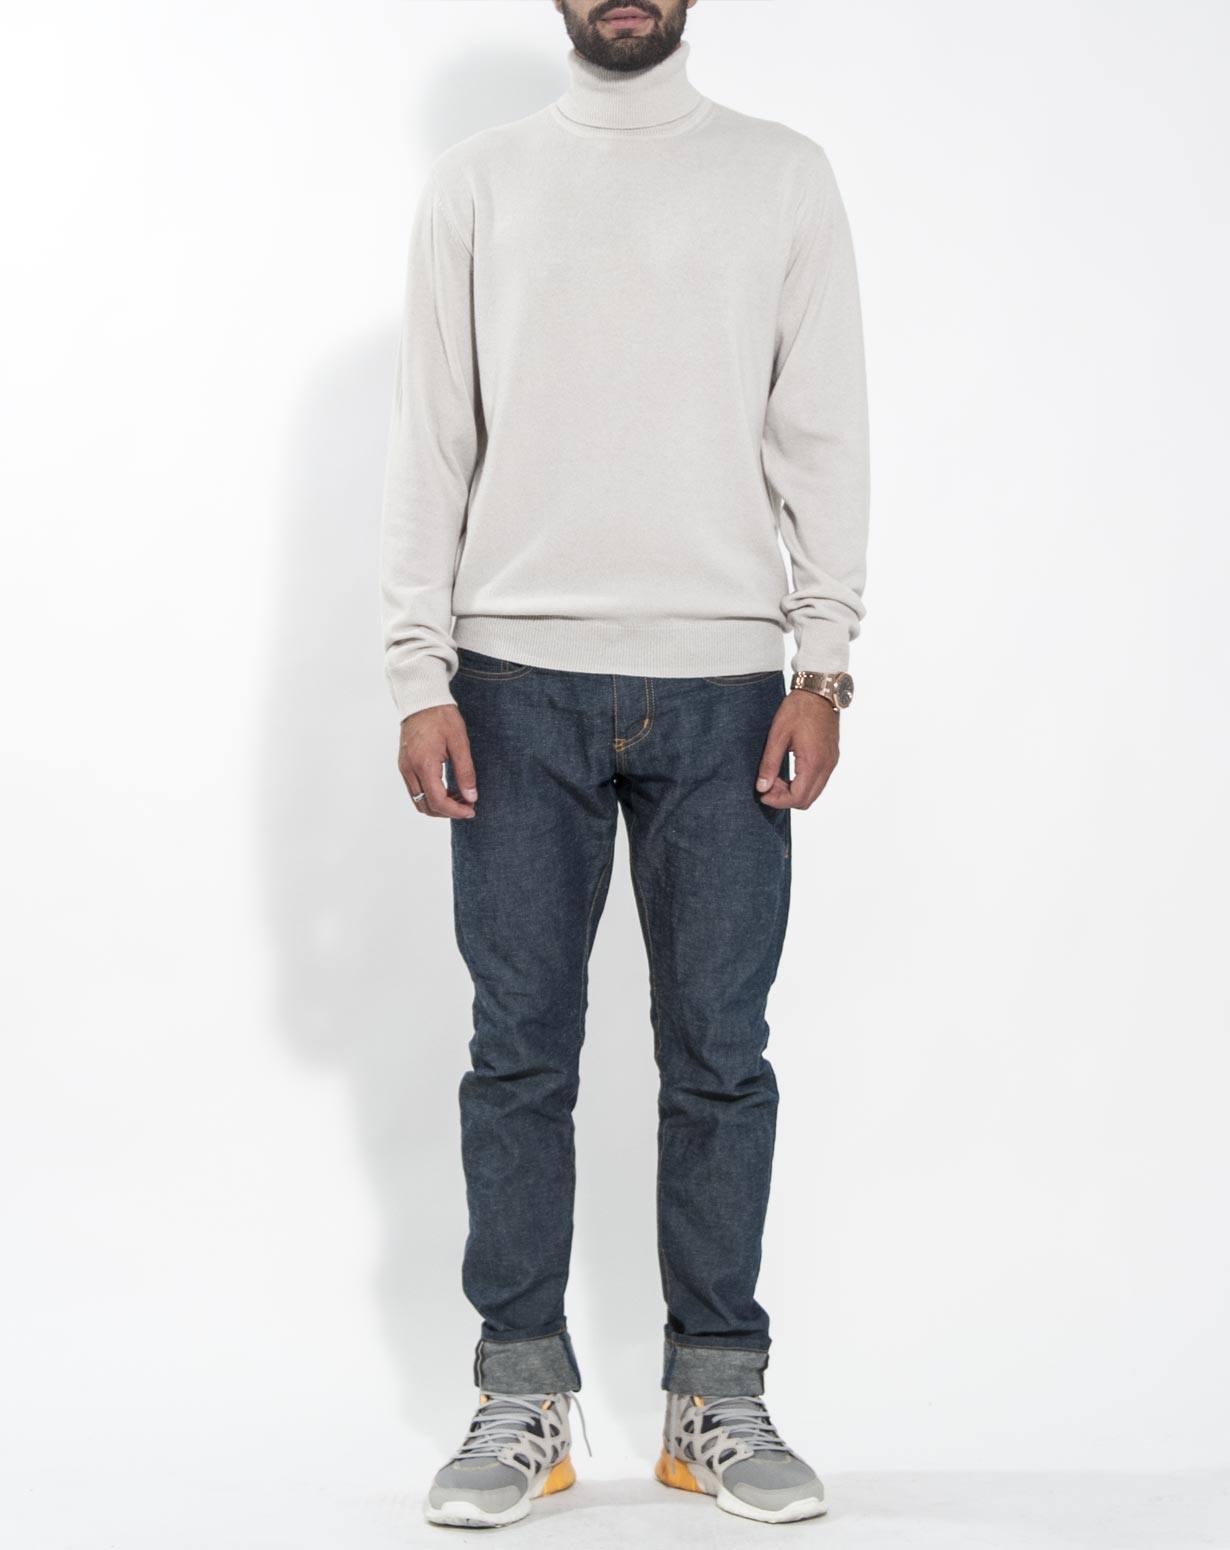 Mens Cashmere Turtleneck Sweater Maisoncashmere